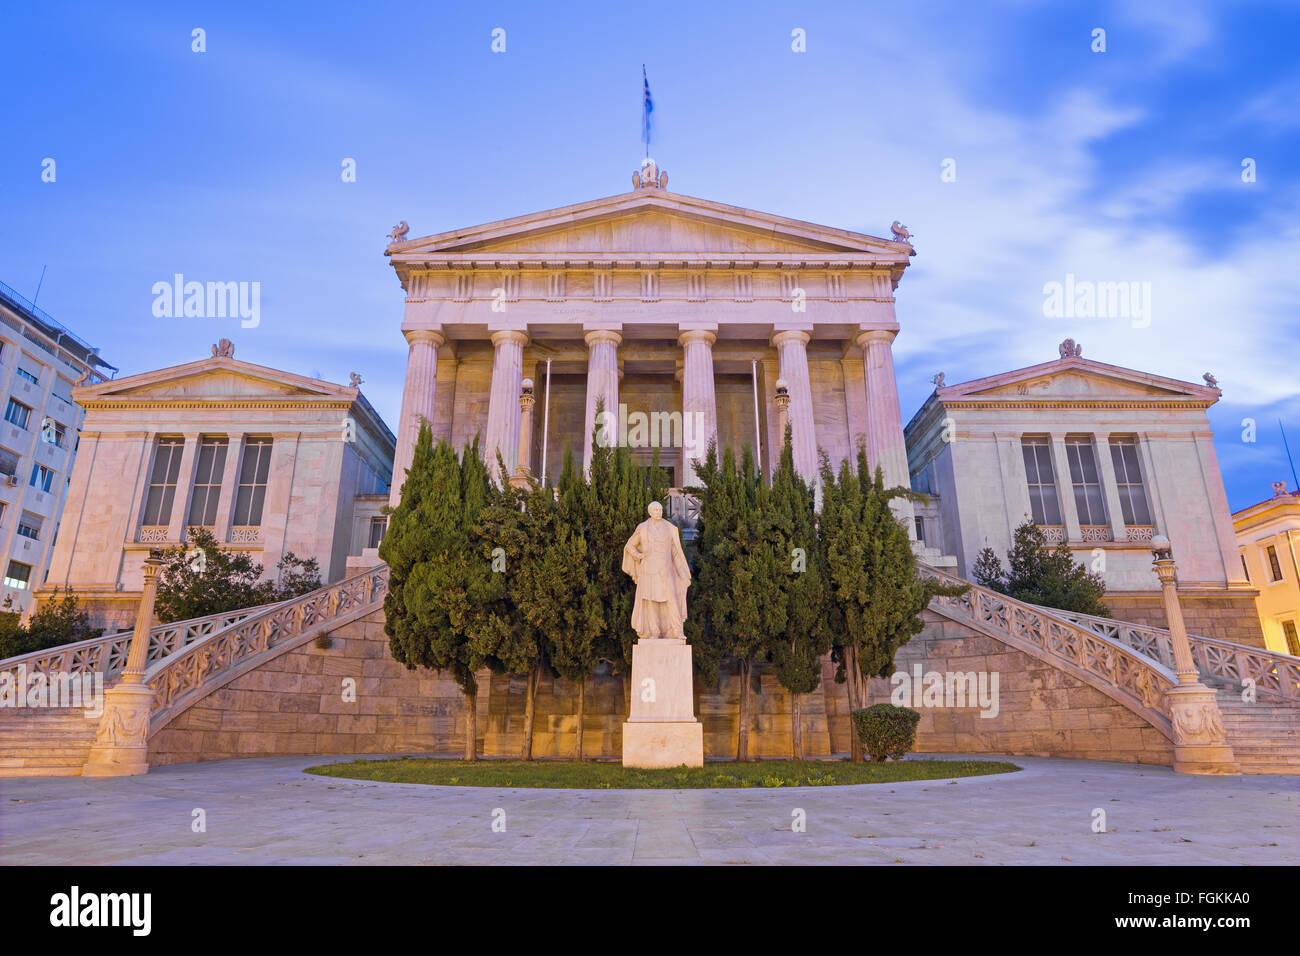 Athen - das Gebäude der Nationalbibliothek in der Abenddämmerung entworfen vom dänischen Architekten Theophil Freiherr Stockfoto